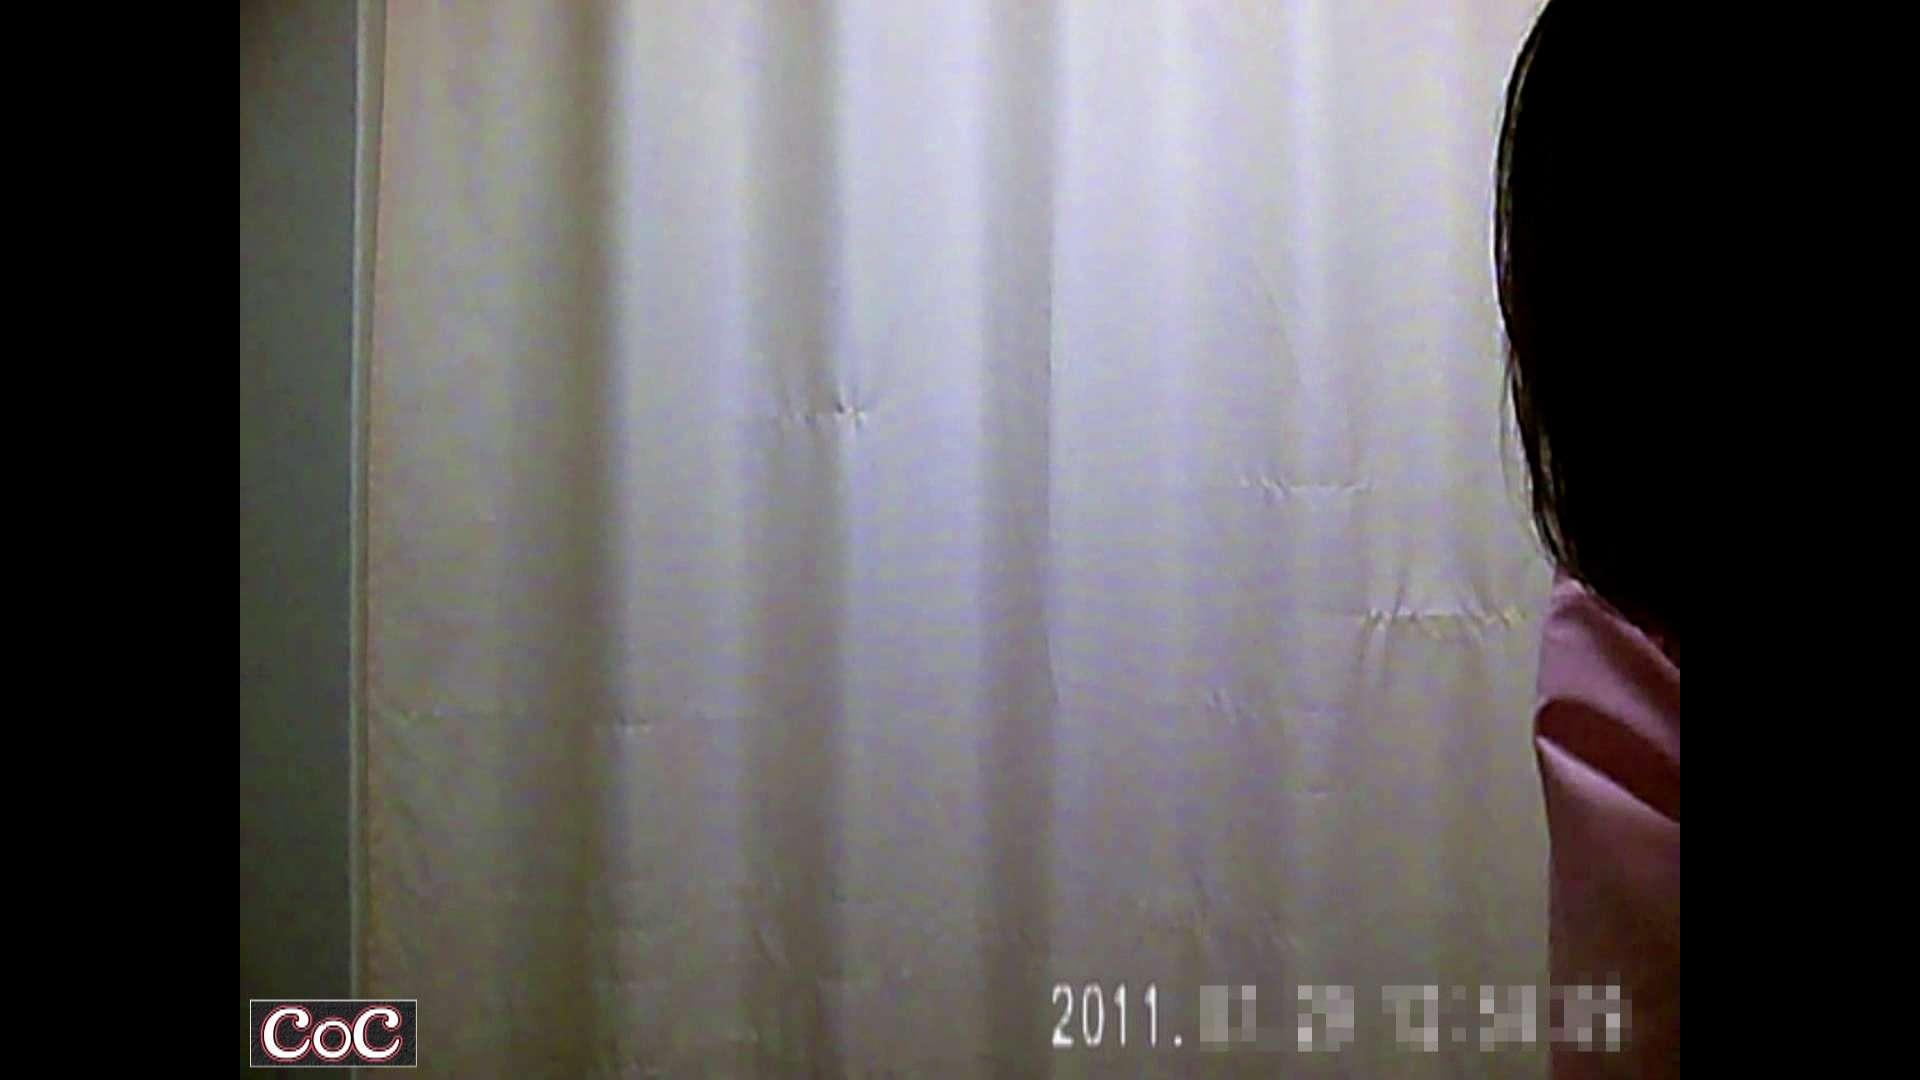 トイレ盗撮 元医者による反抗 更衣室地獄絵巻 vol.289 怪盗ジョーカー